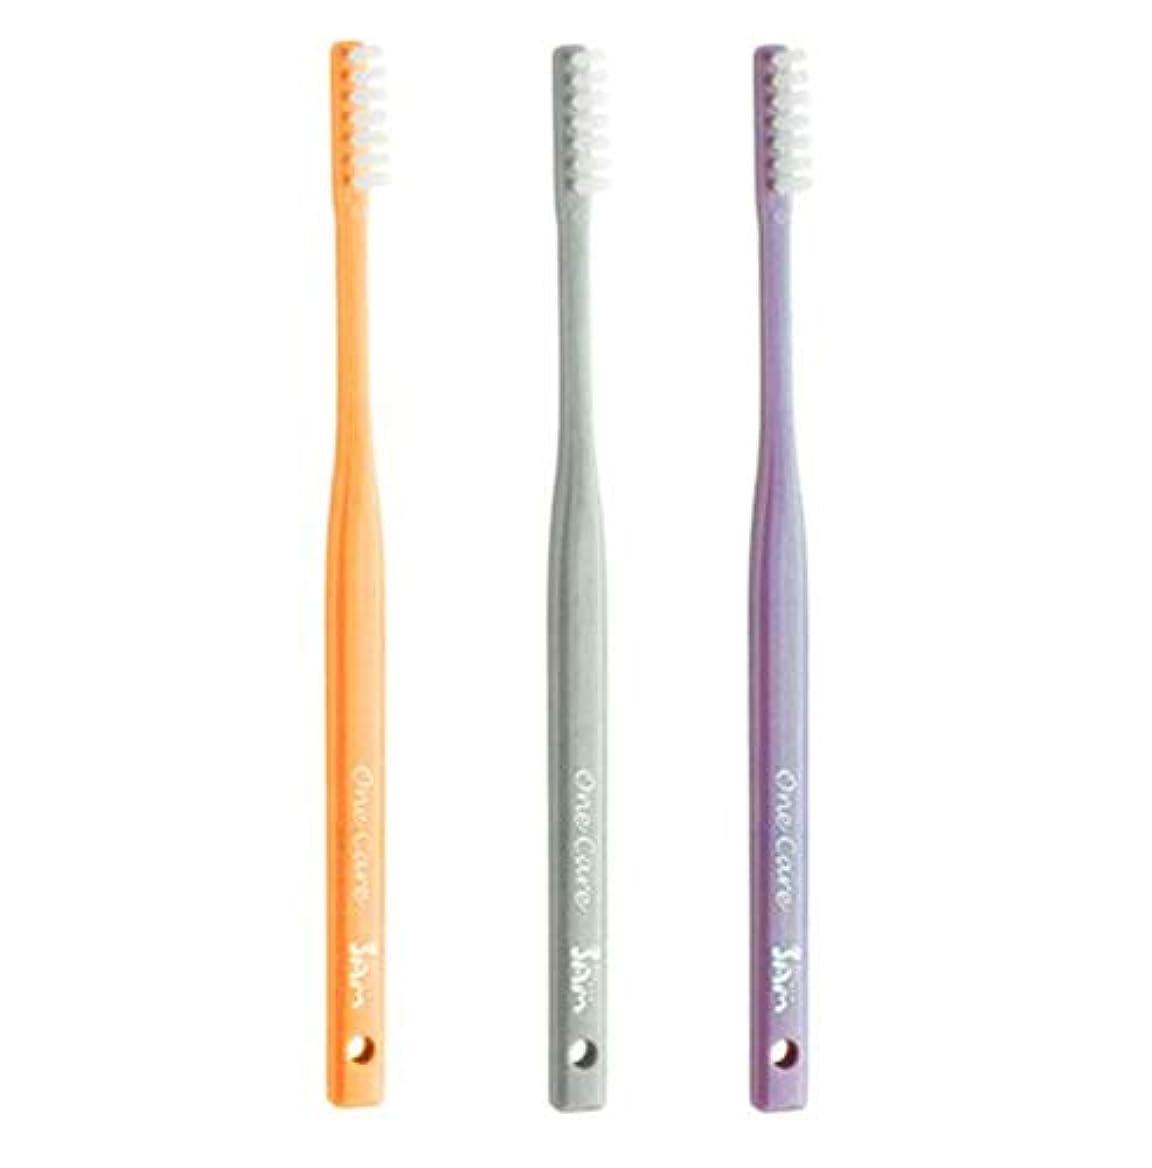 輝度さておき面倒サムフレンド 1列 歯ブラシ ワンケア OneCare 5本(アソート)